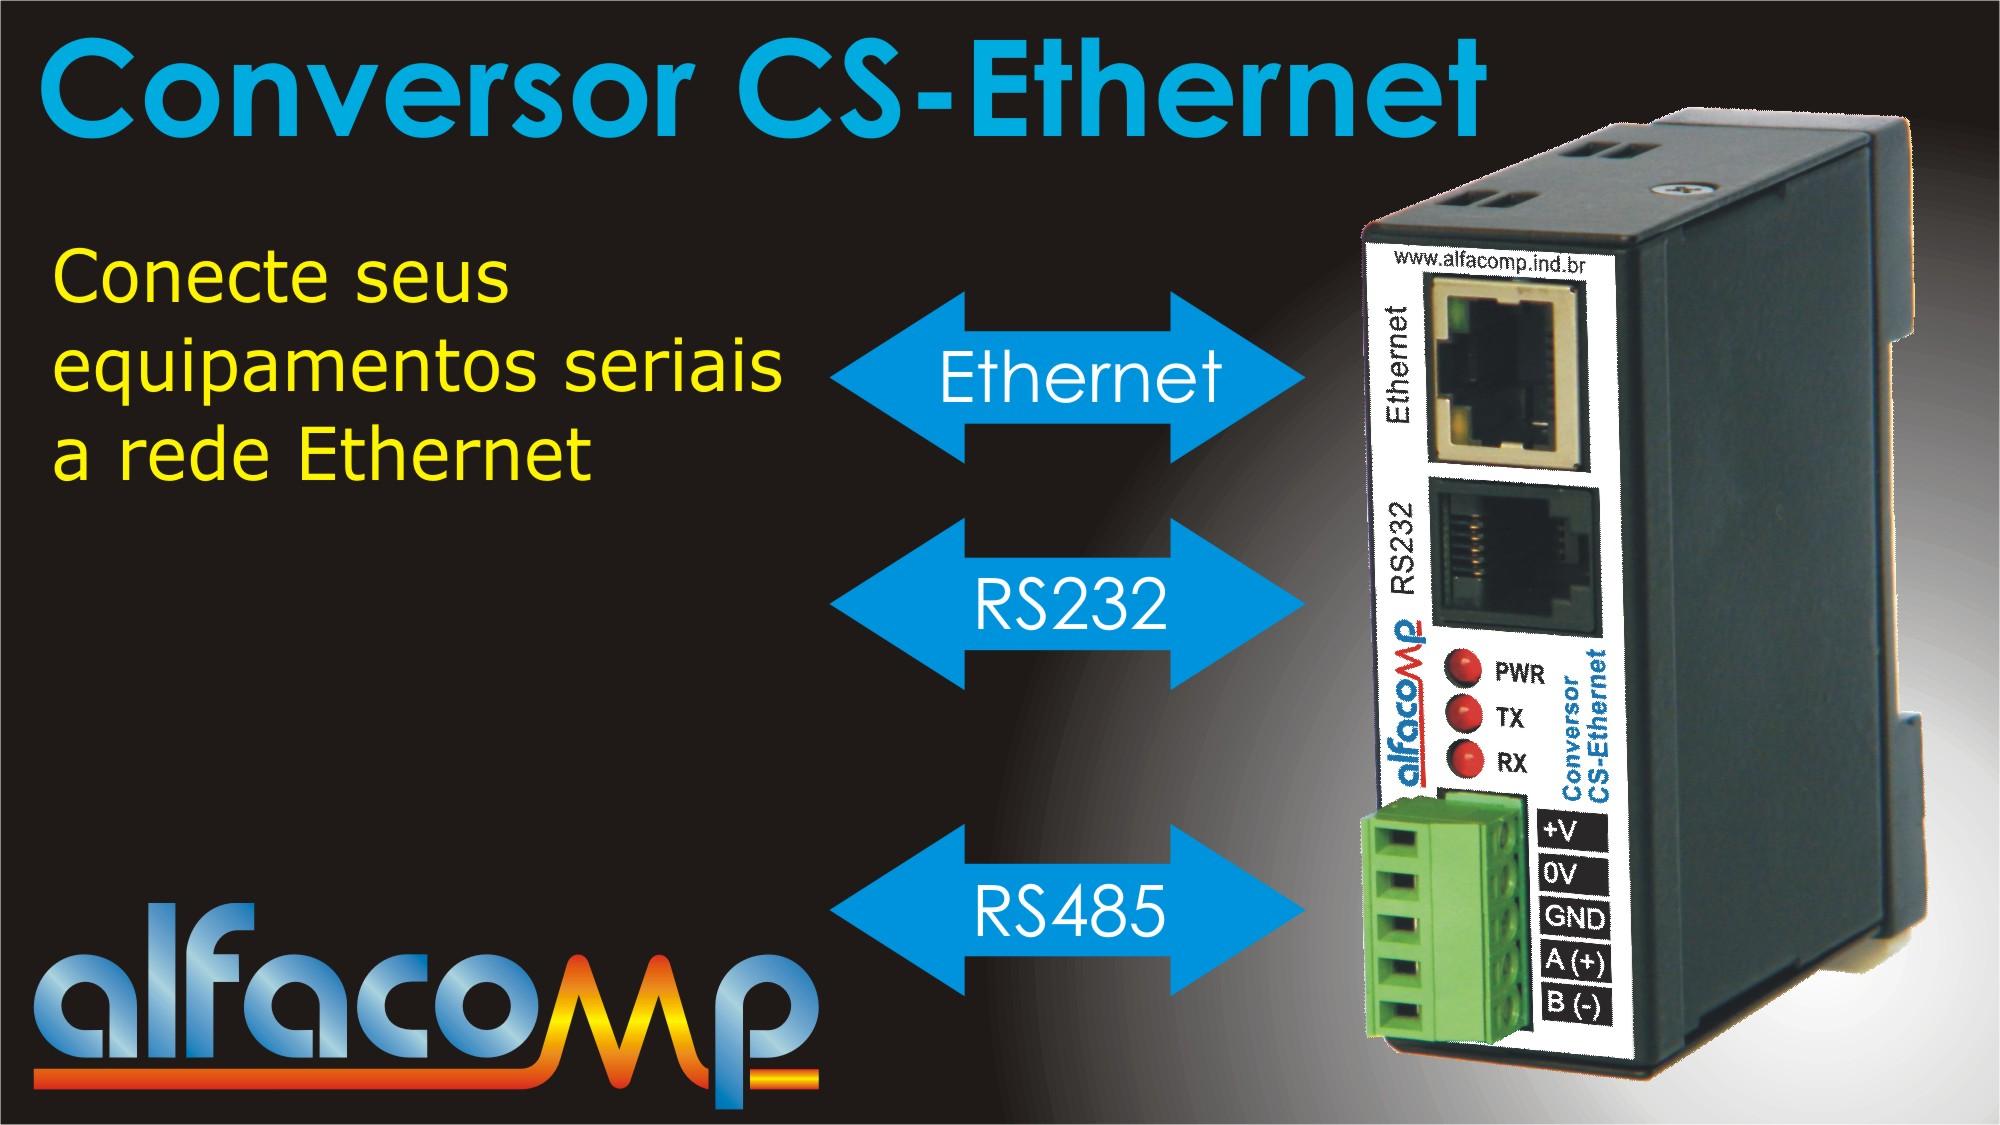 Conecte seus equipamentos seriais à rede Ethernet